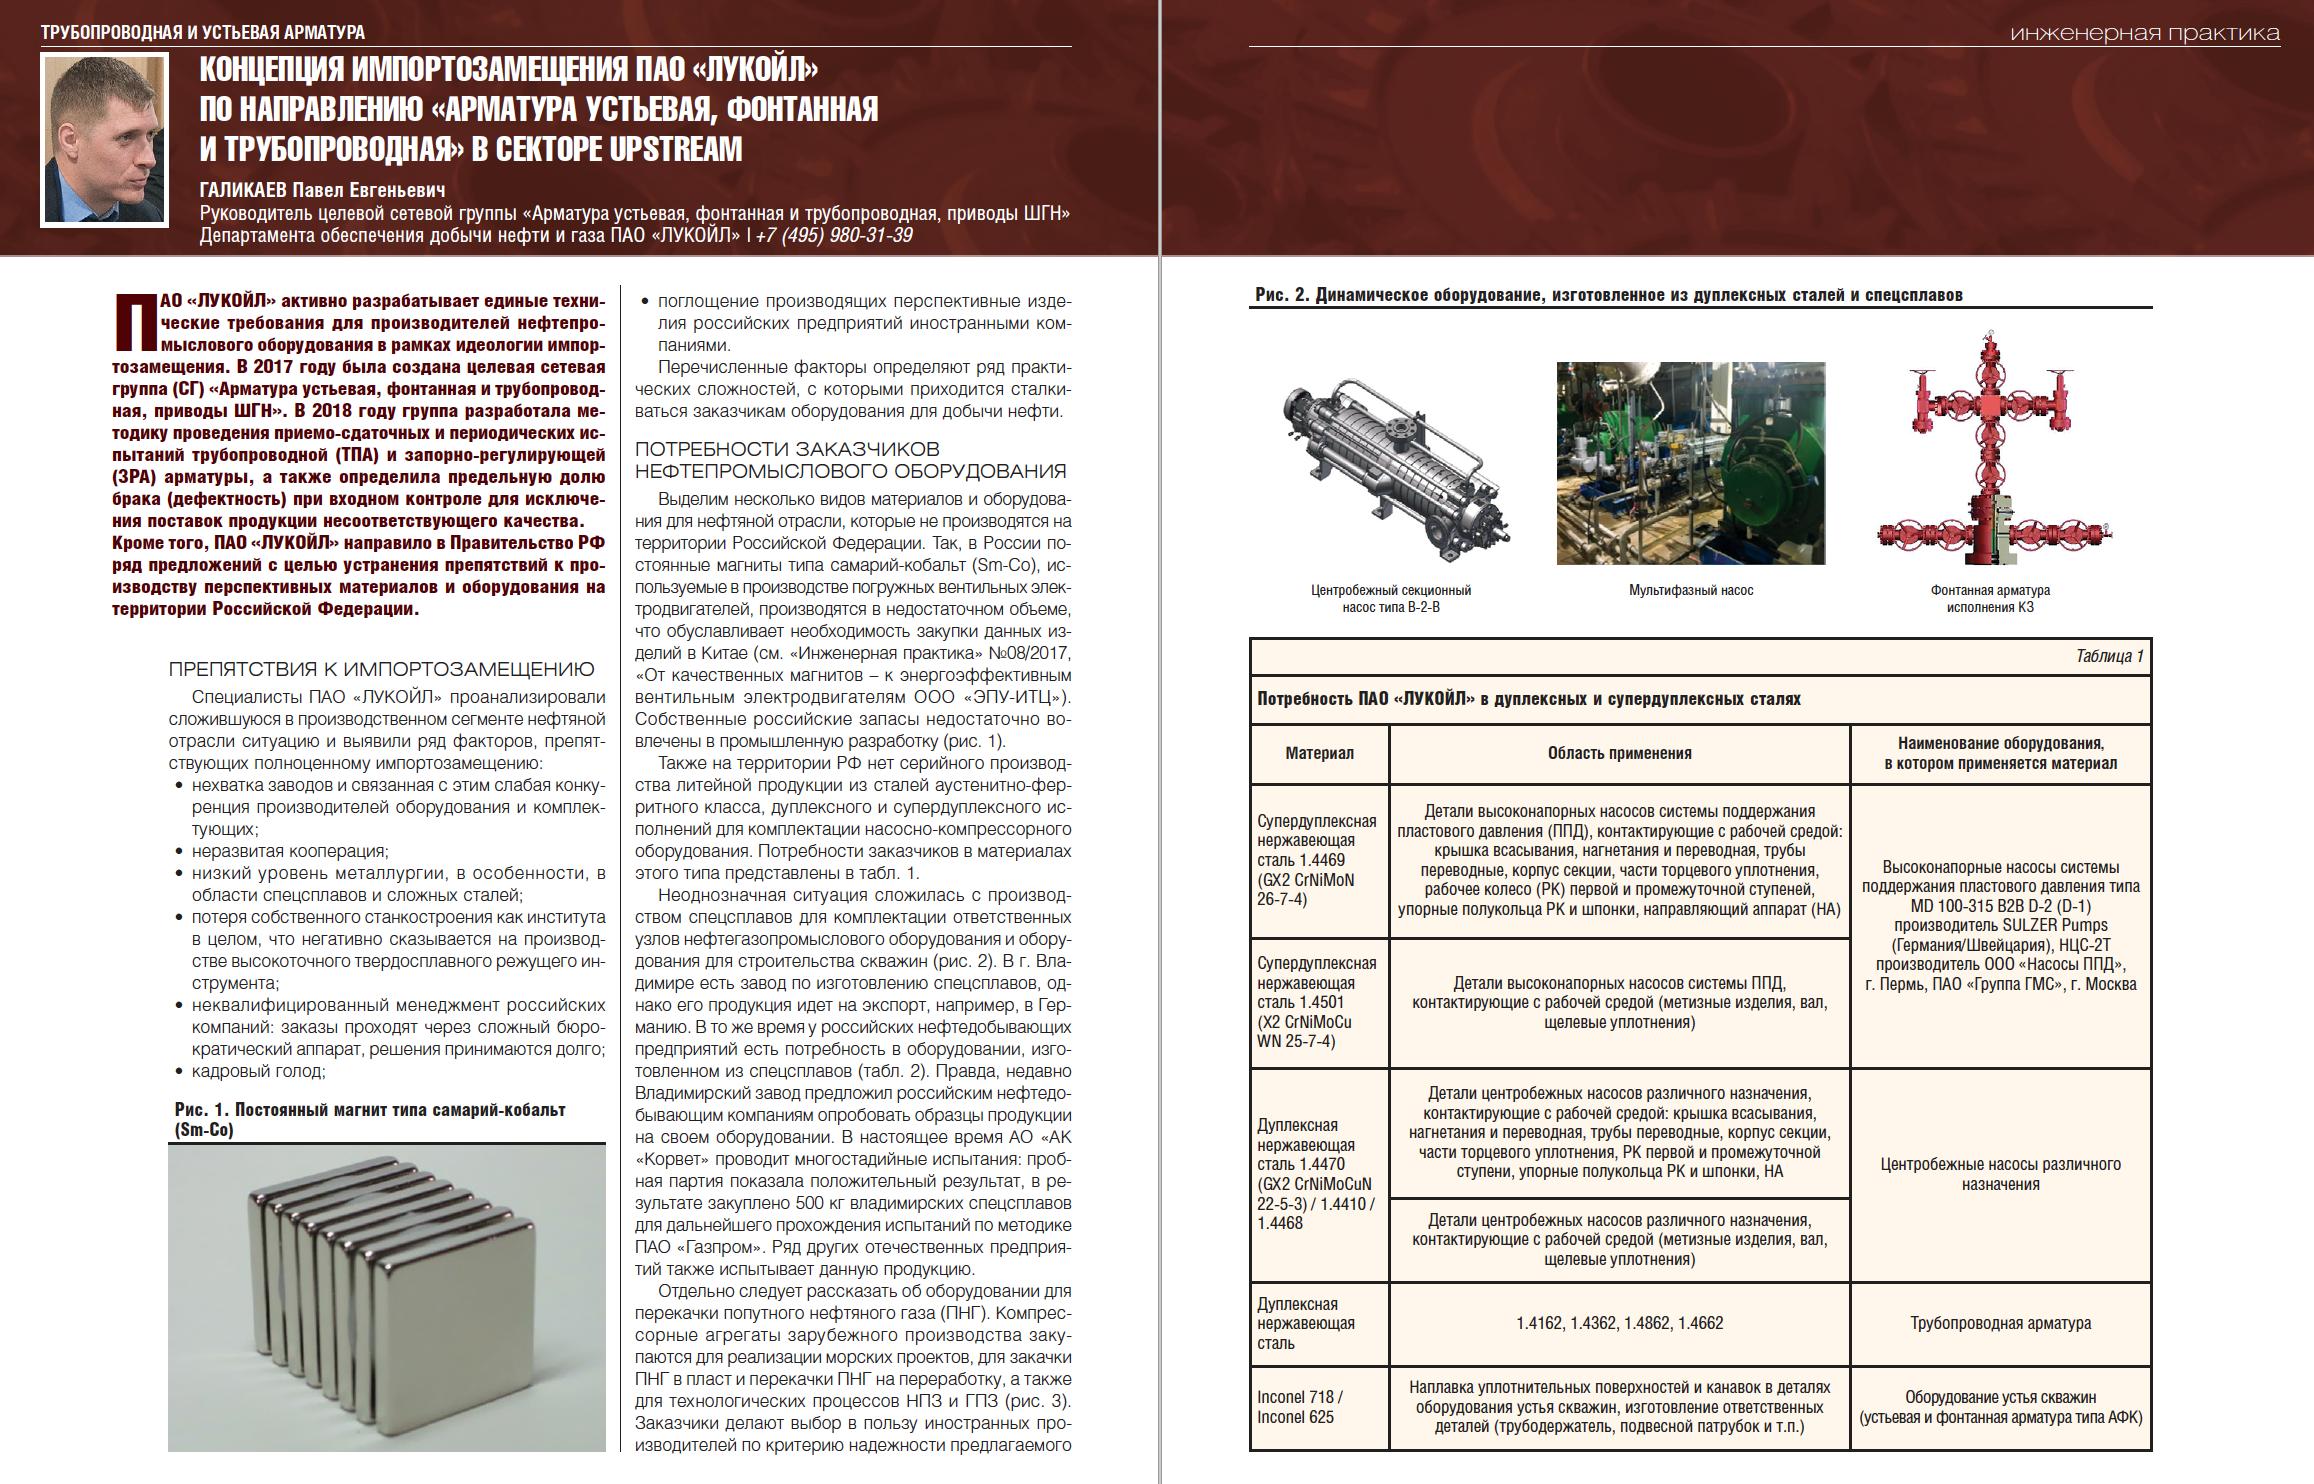 28997 Концепция импортозамещения ПАО «ЛУКОЙЛ» по направлению «Арматура устьевая, фонтанная и трубопроводная» в секторе Upstream